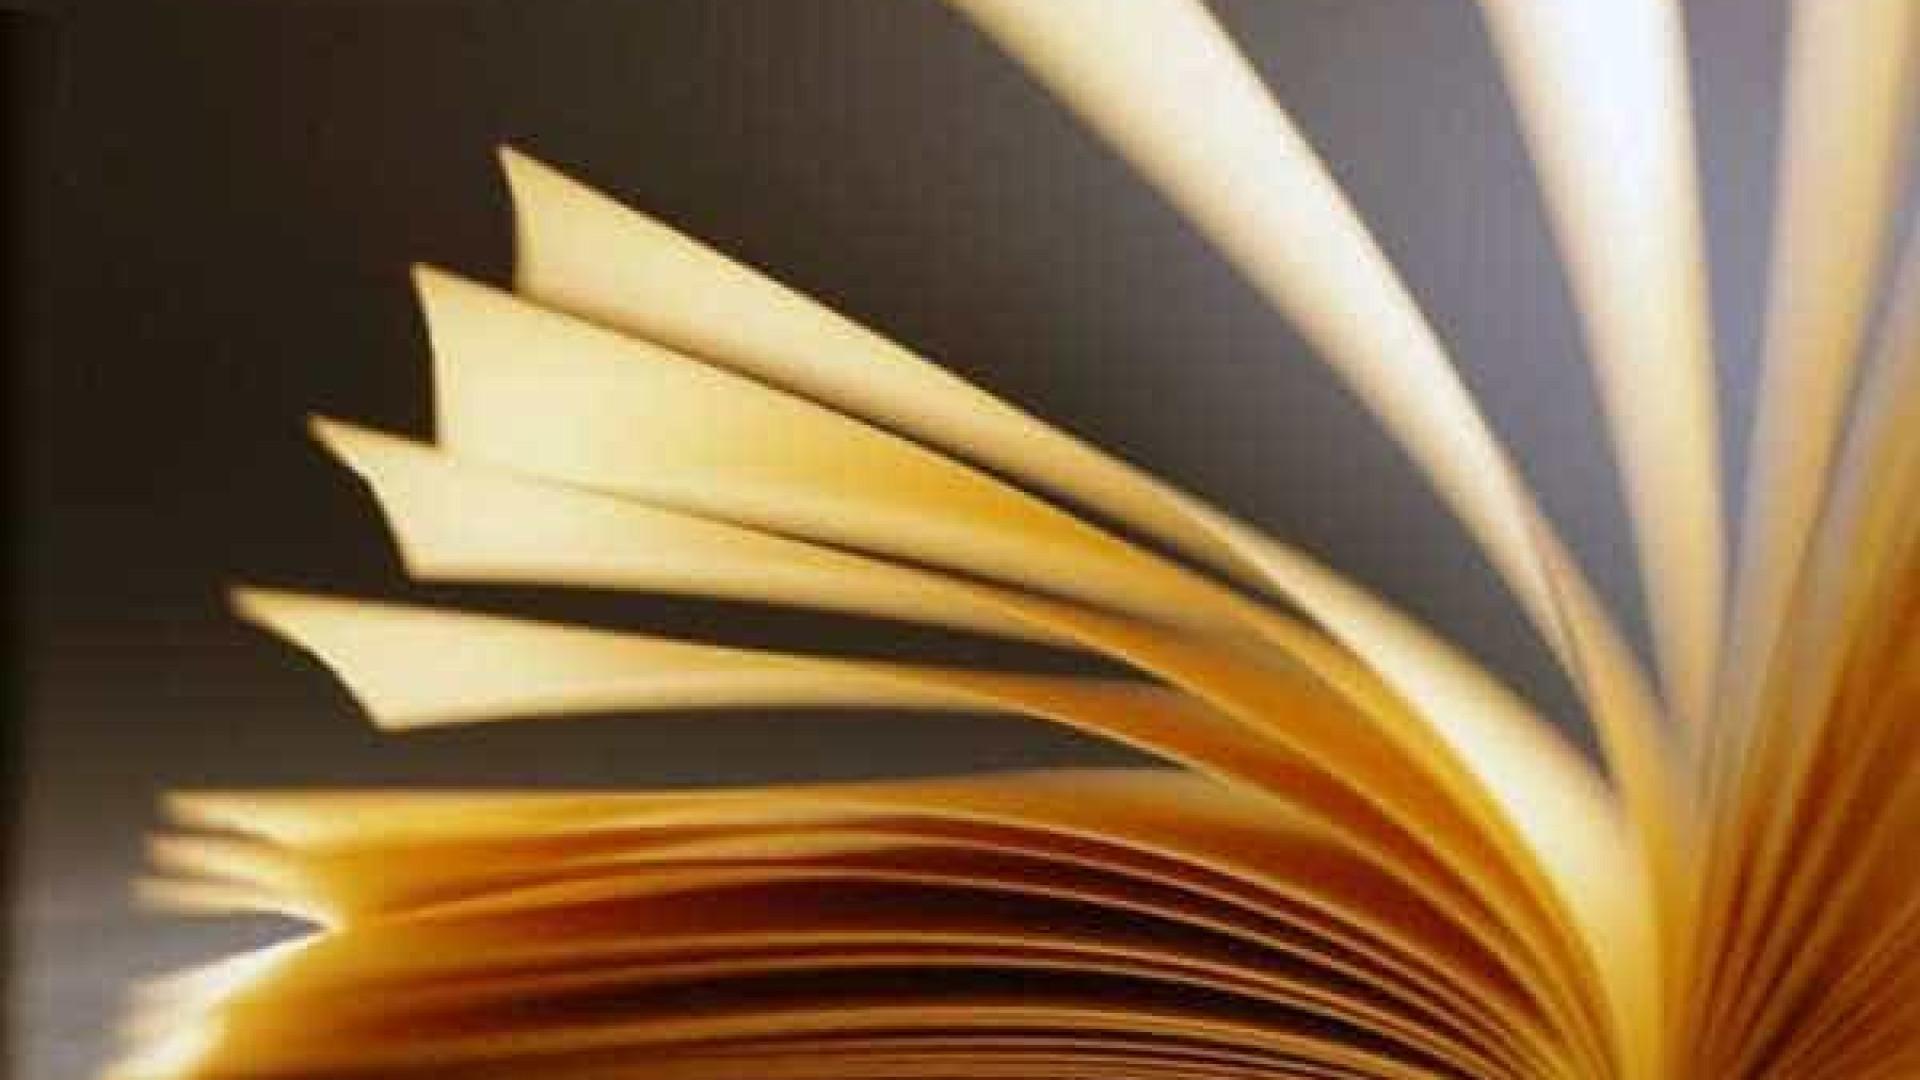 Confira dicas valiosas para fazer seus livros durarem por muitos anos